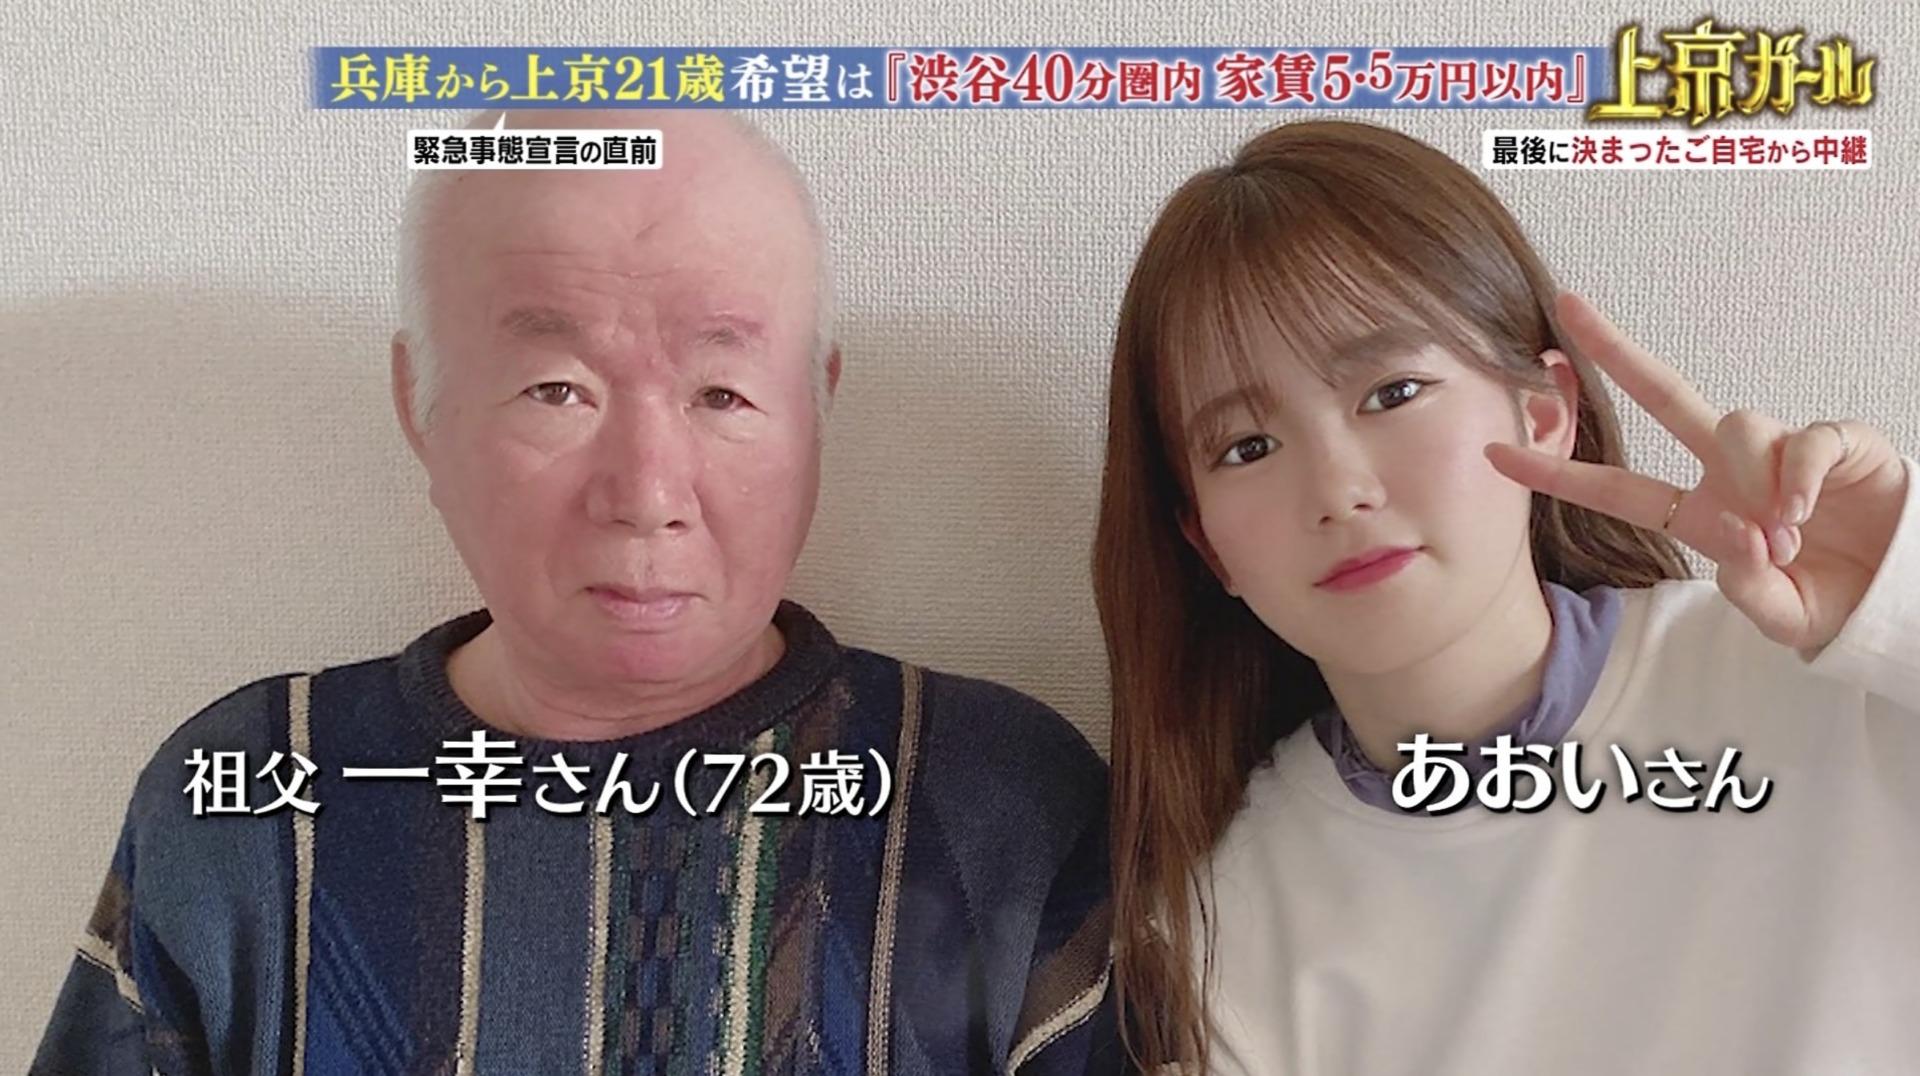 川口葵さんとおじいちゃんの画像